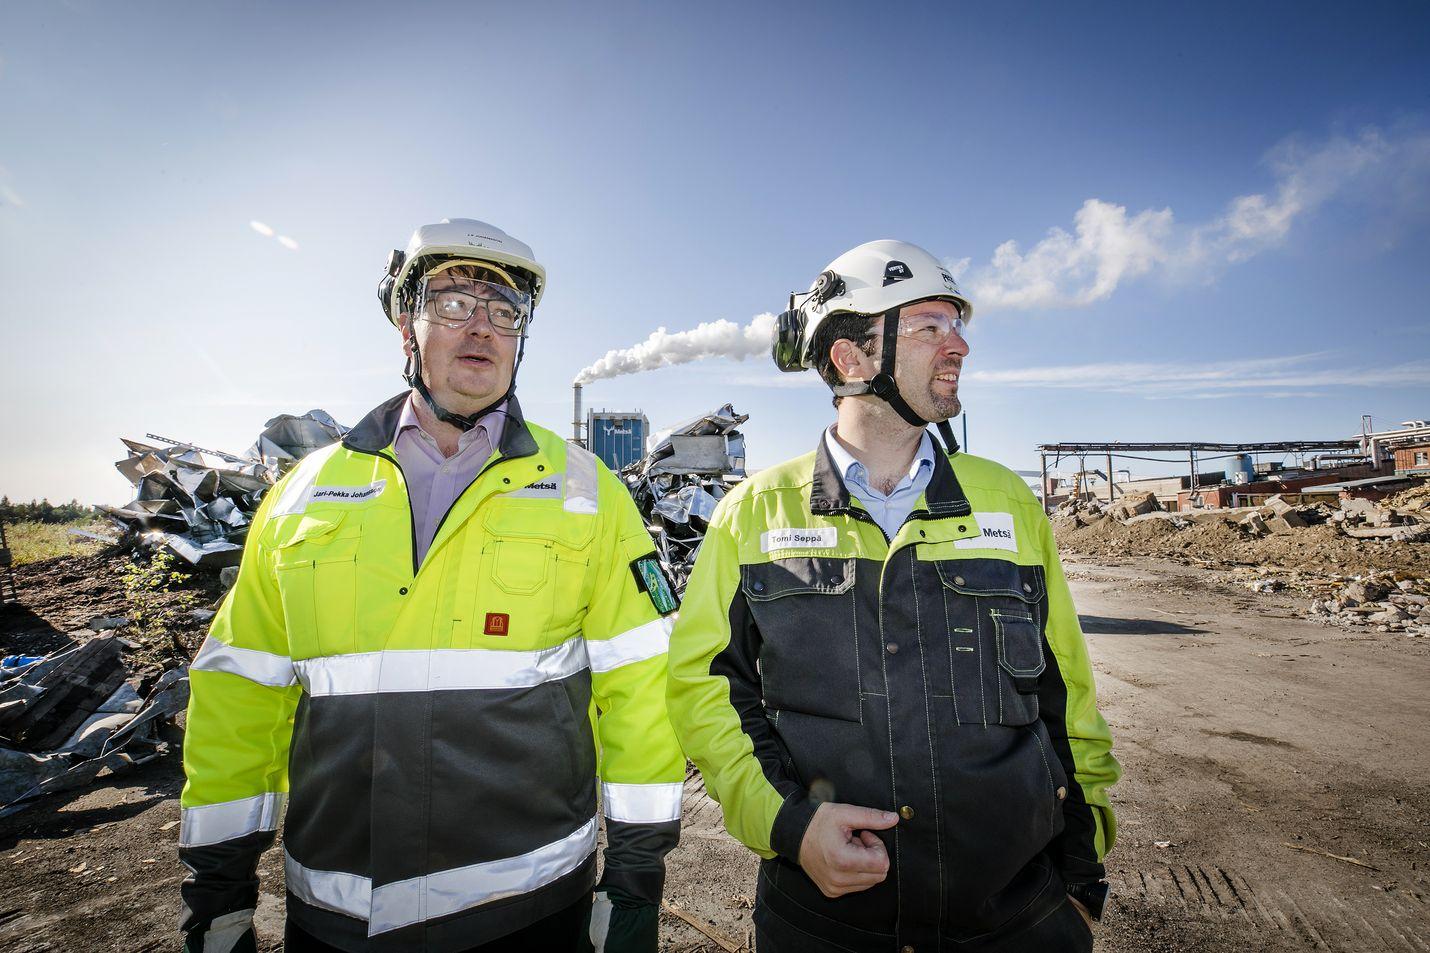 Metsä Groupin Kemin biotehtaan projektijohtaja Jari-Pekka Johansson (vas.) ja Kemin-tehtaiden johtaja Tomi Seppä katselevat Sahansaaren purkutyömaata, jonne rakennetaan uusi tehdas. Kemissä sellua on keitetty sadan vuoden ajan. Nykyinen tehdas on merkittävä työllistäjä.